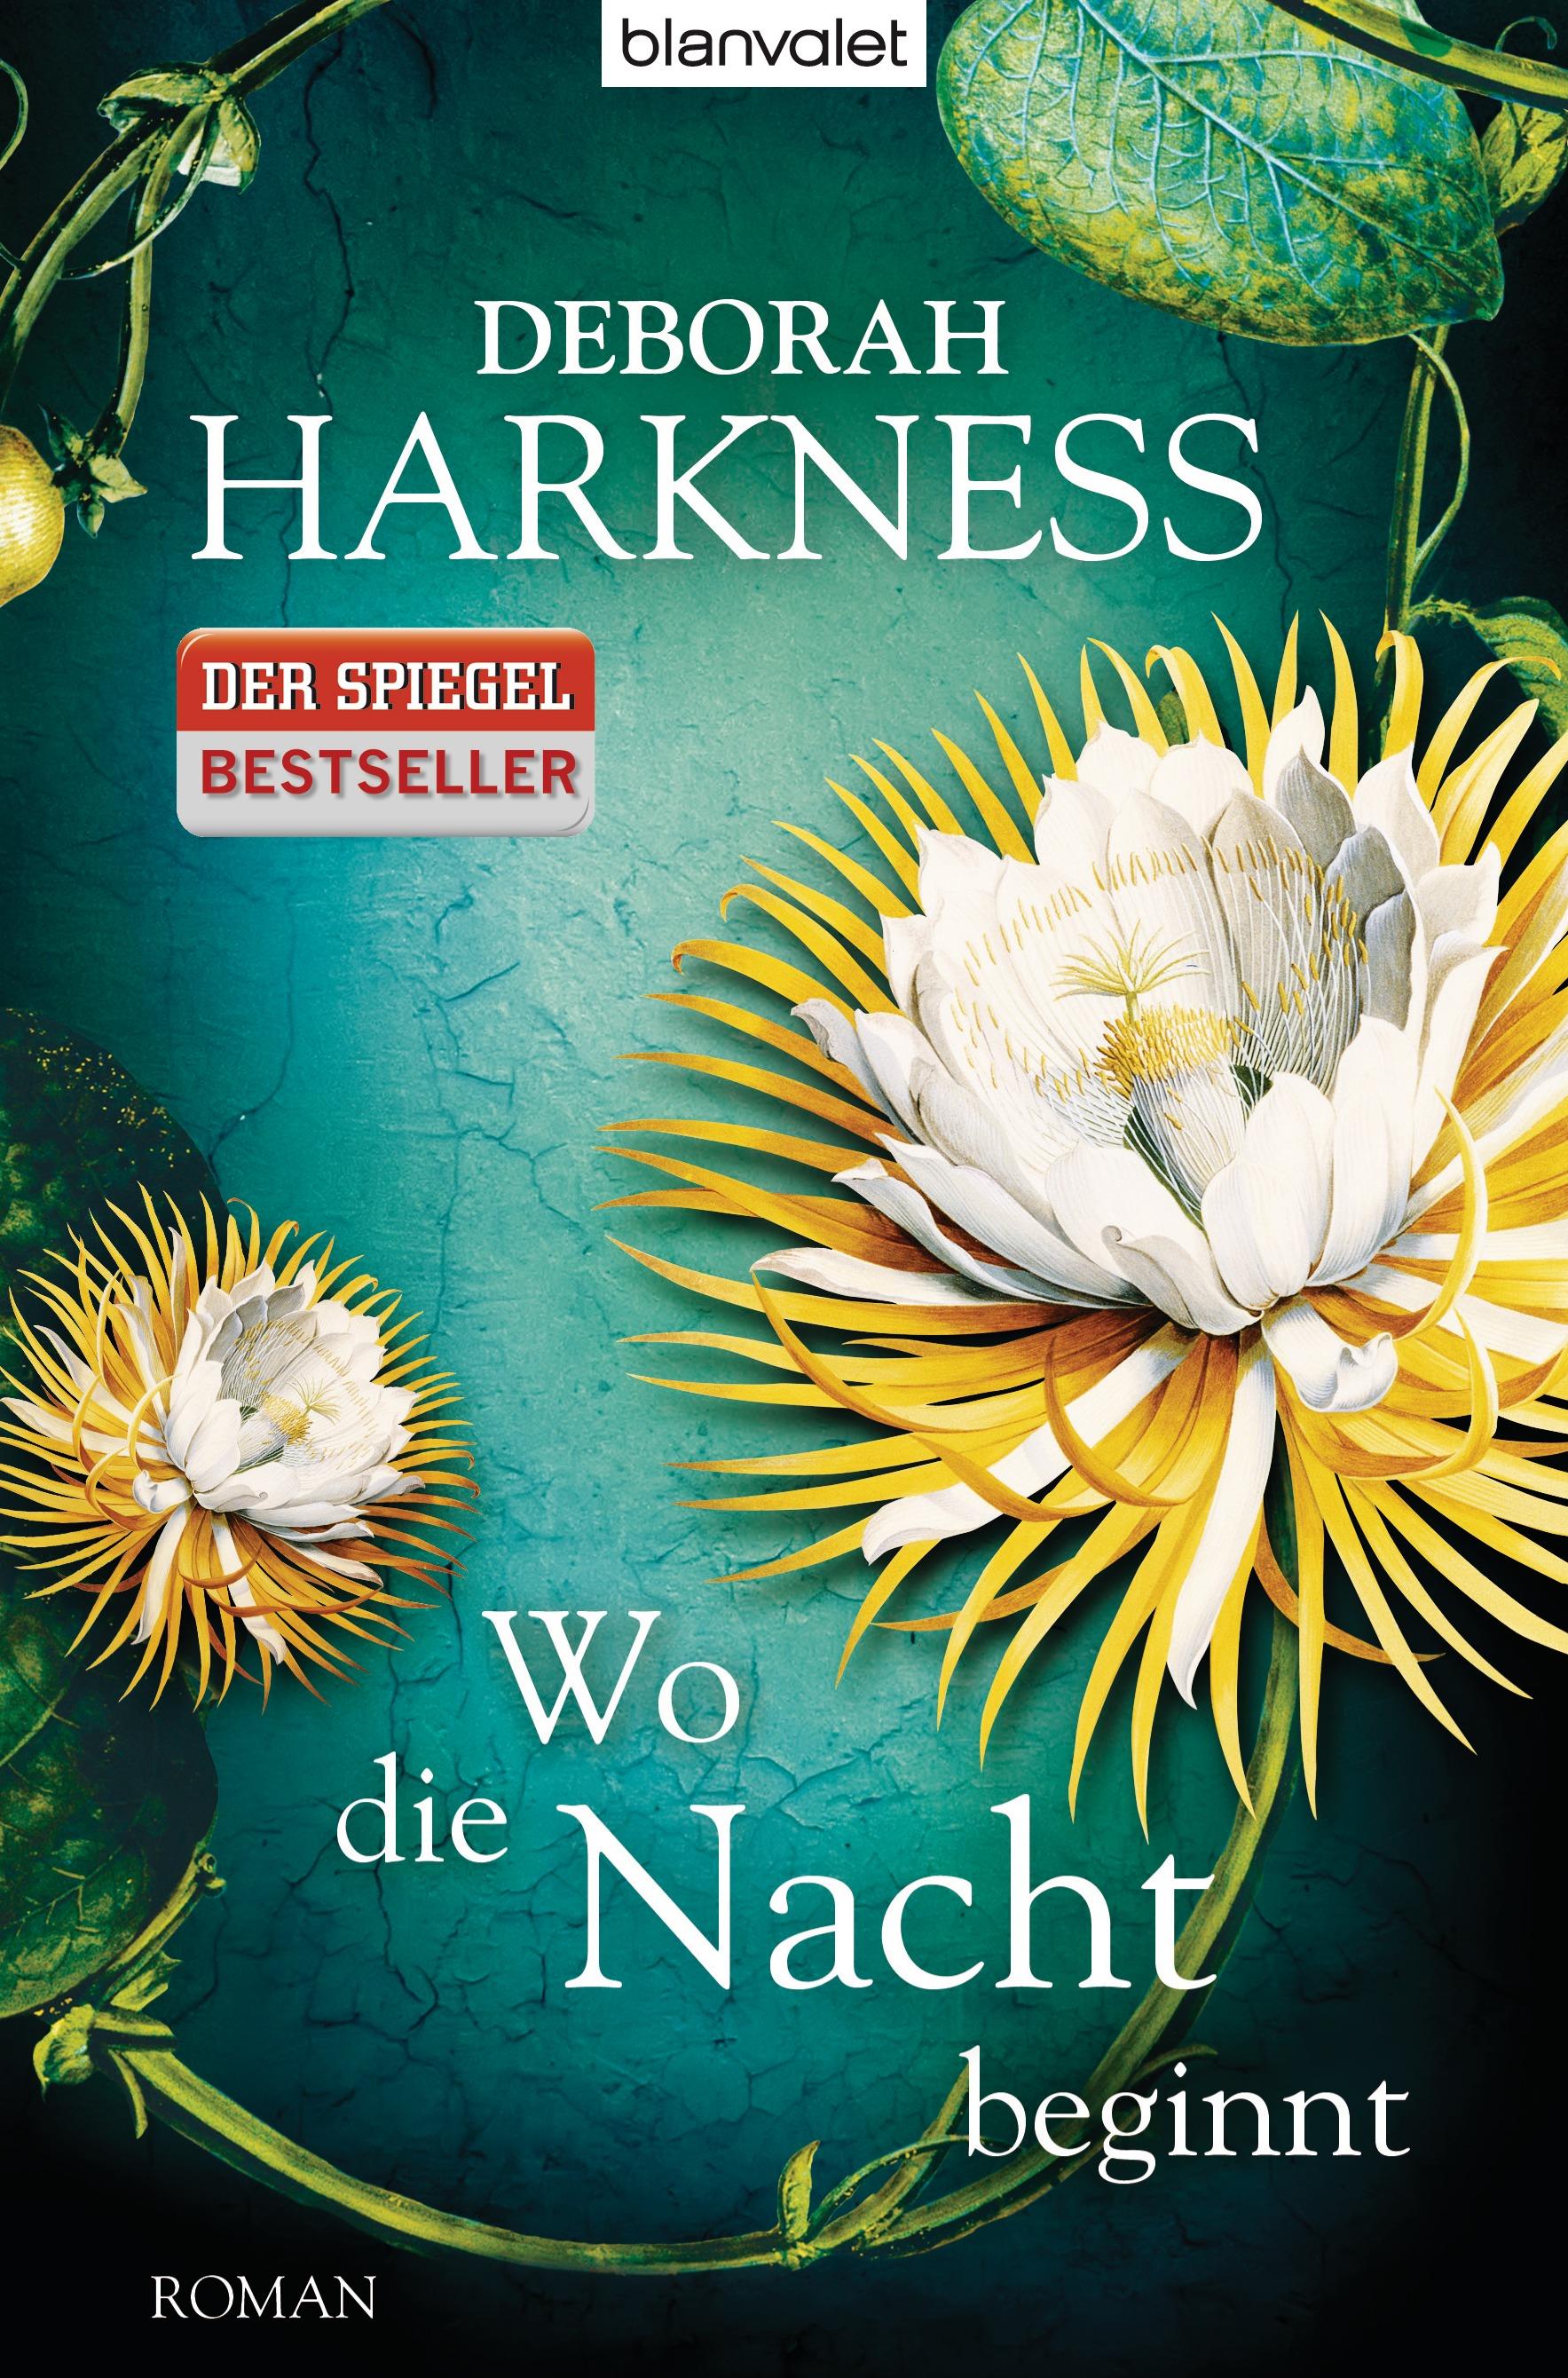 Wo die Nacht beginnt von Deborah Harkness